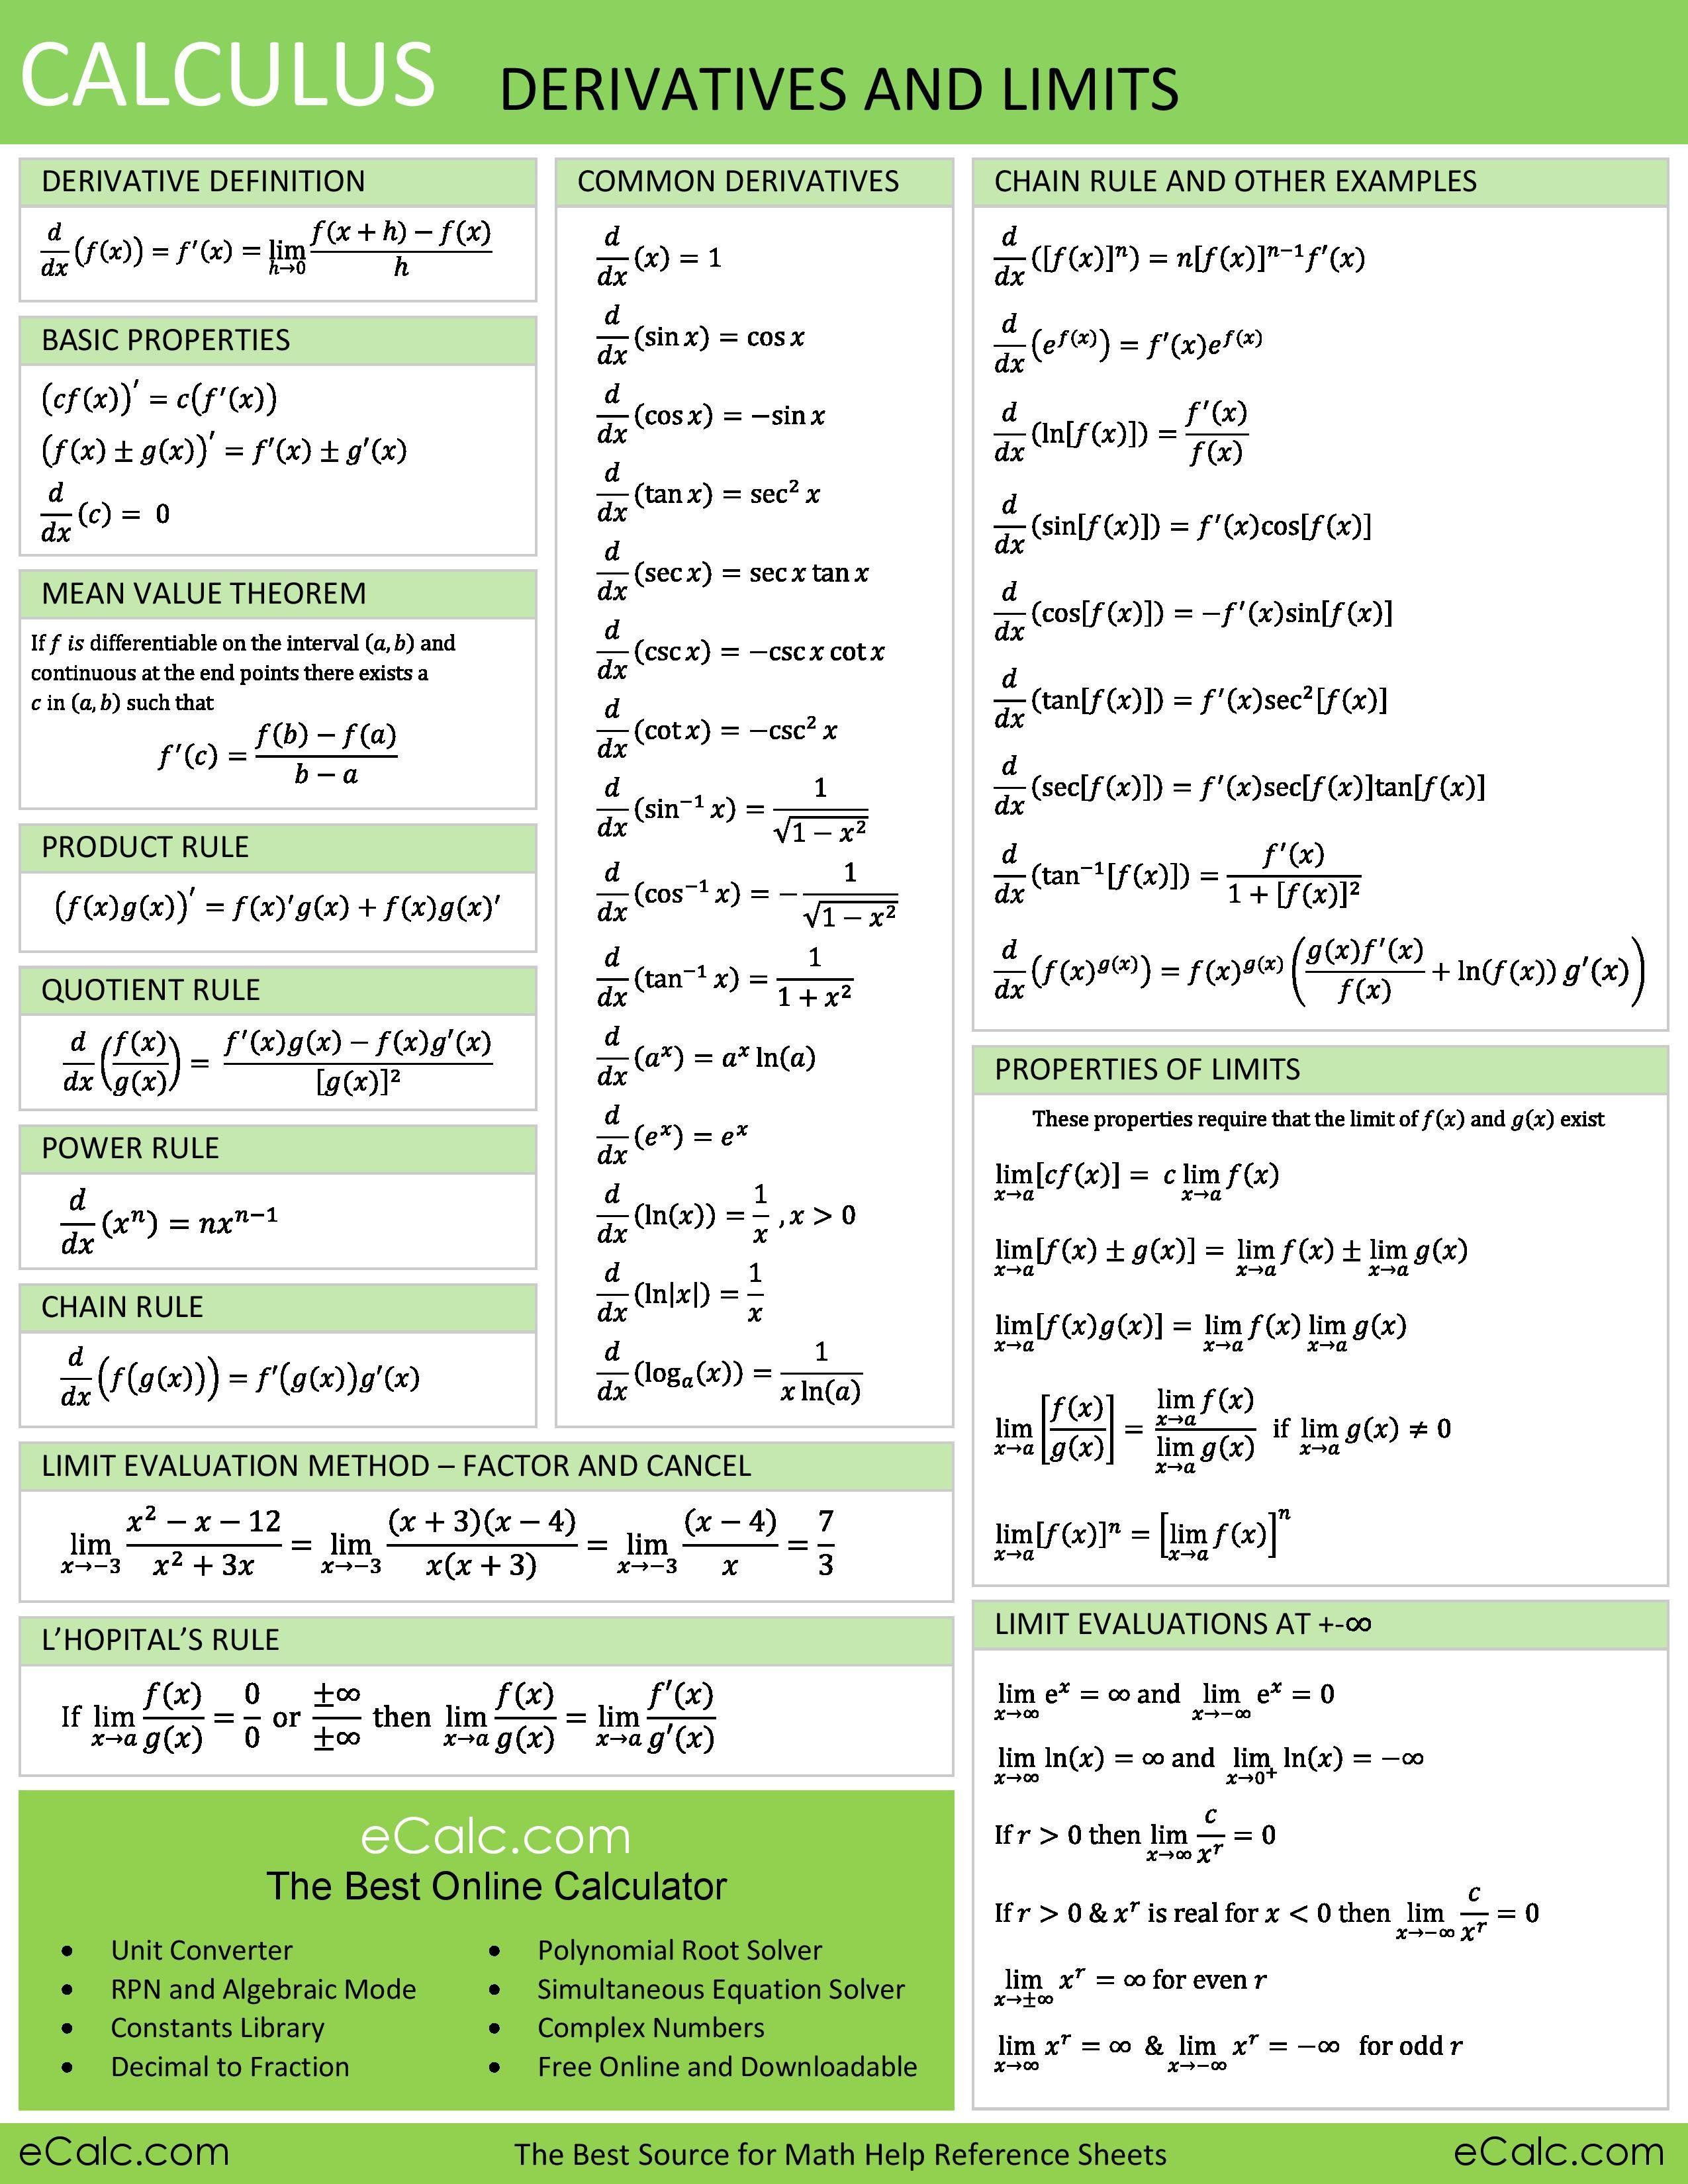 Pin On Mathematics Visual Notes